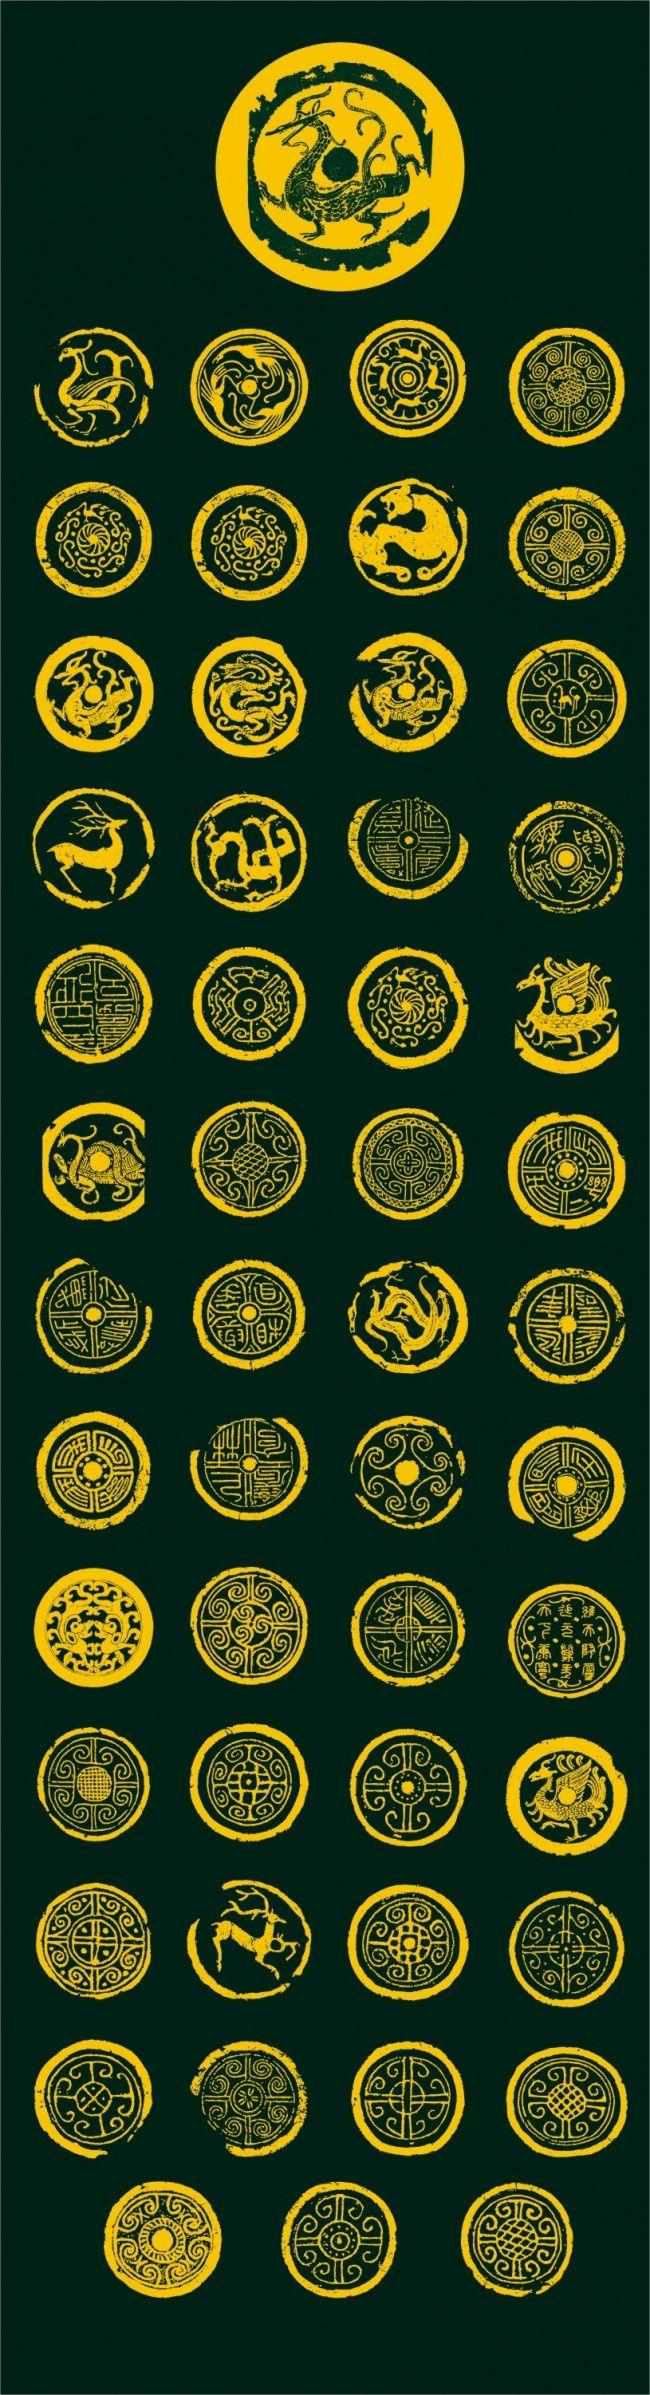 中国古典龙纹.jpg